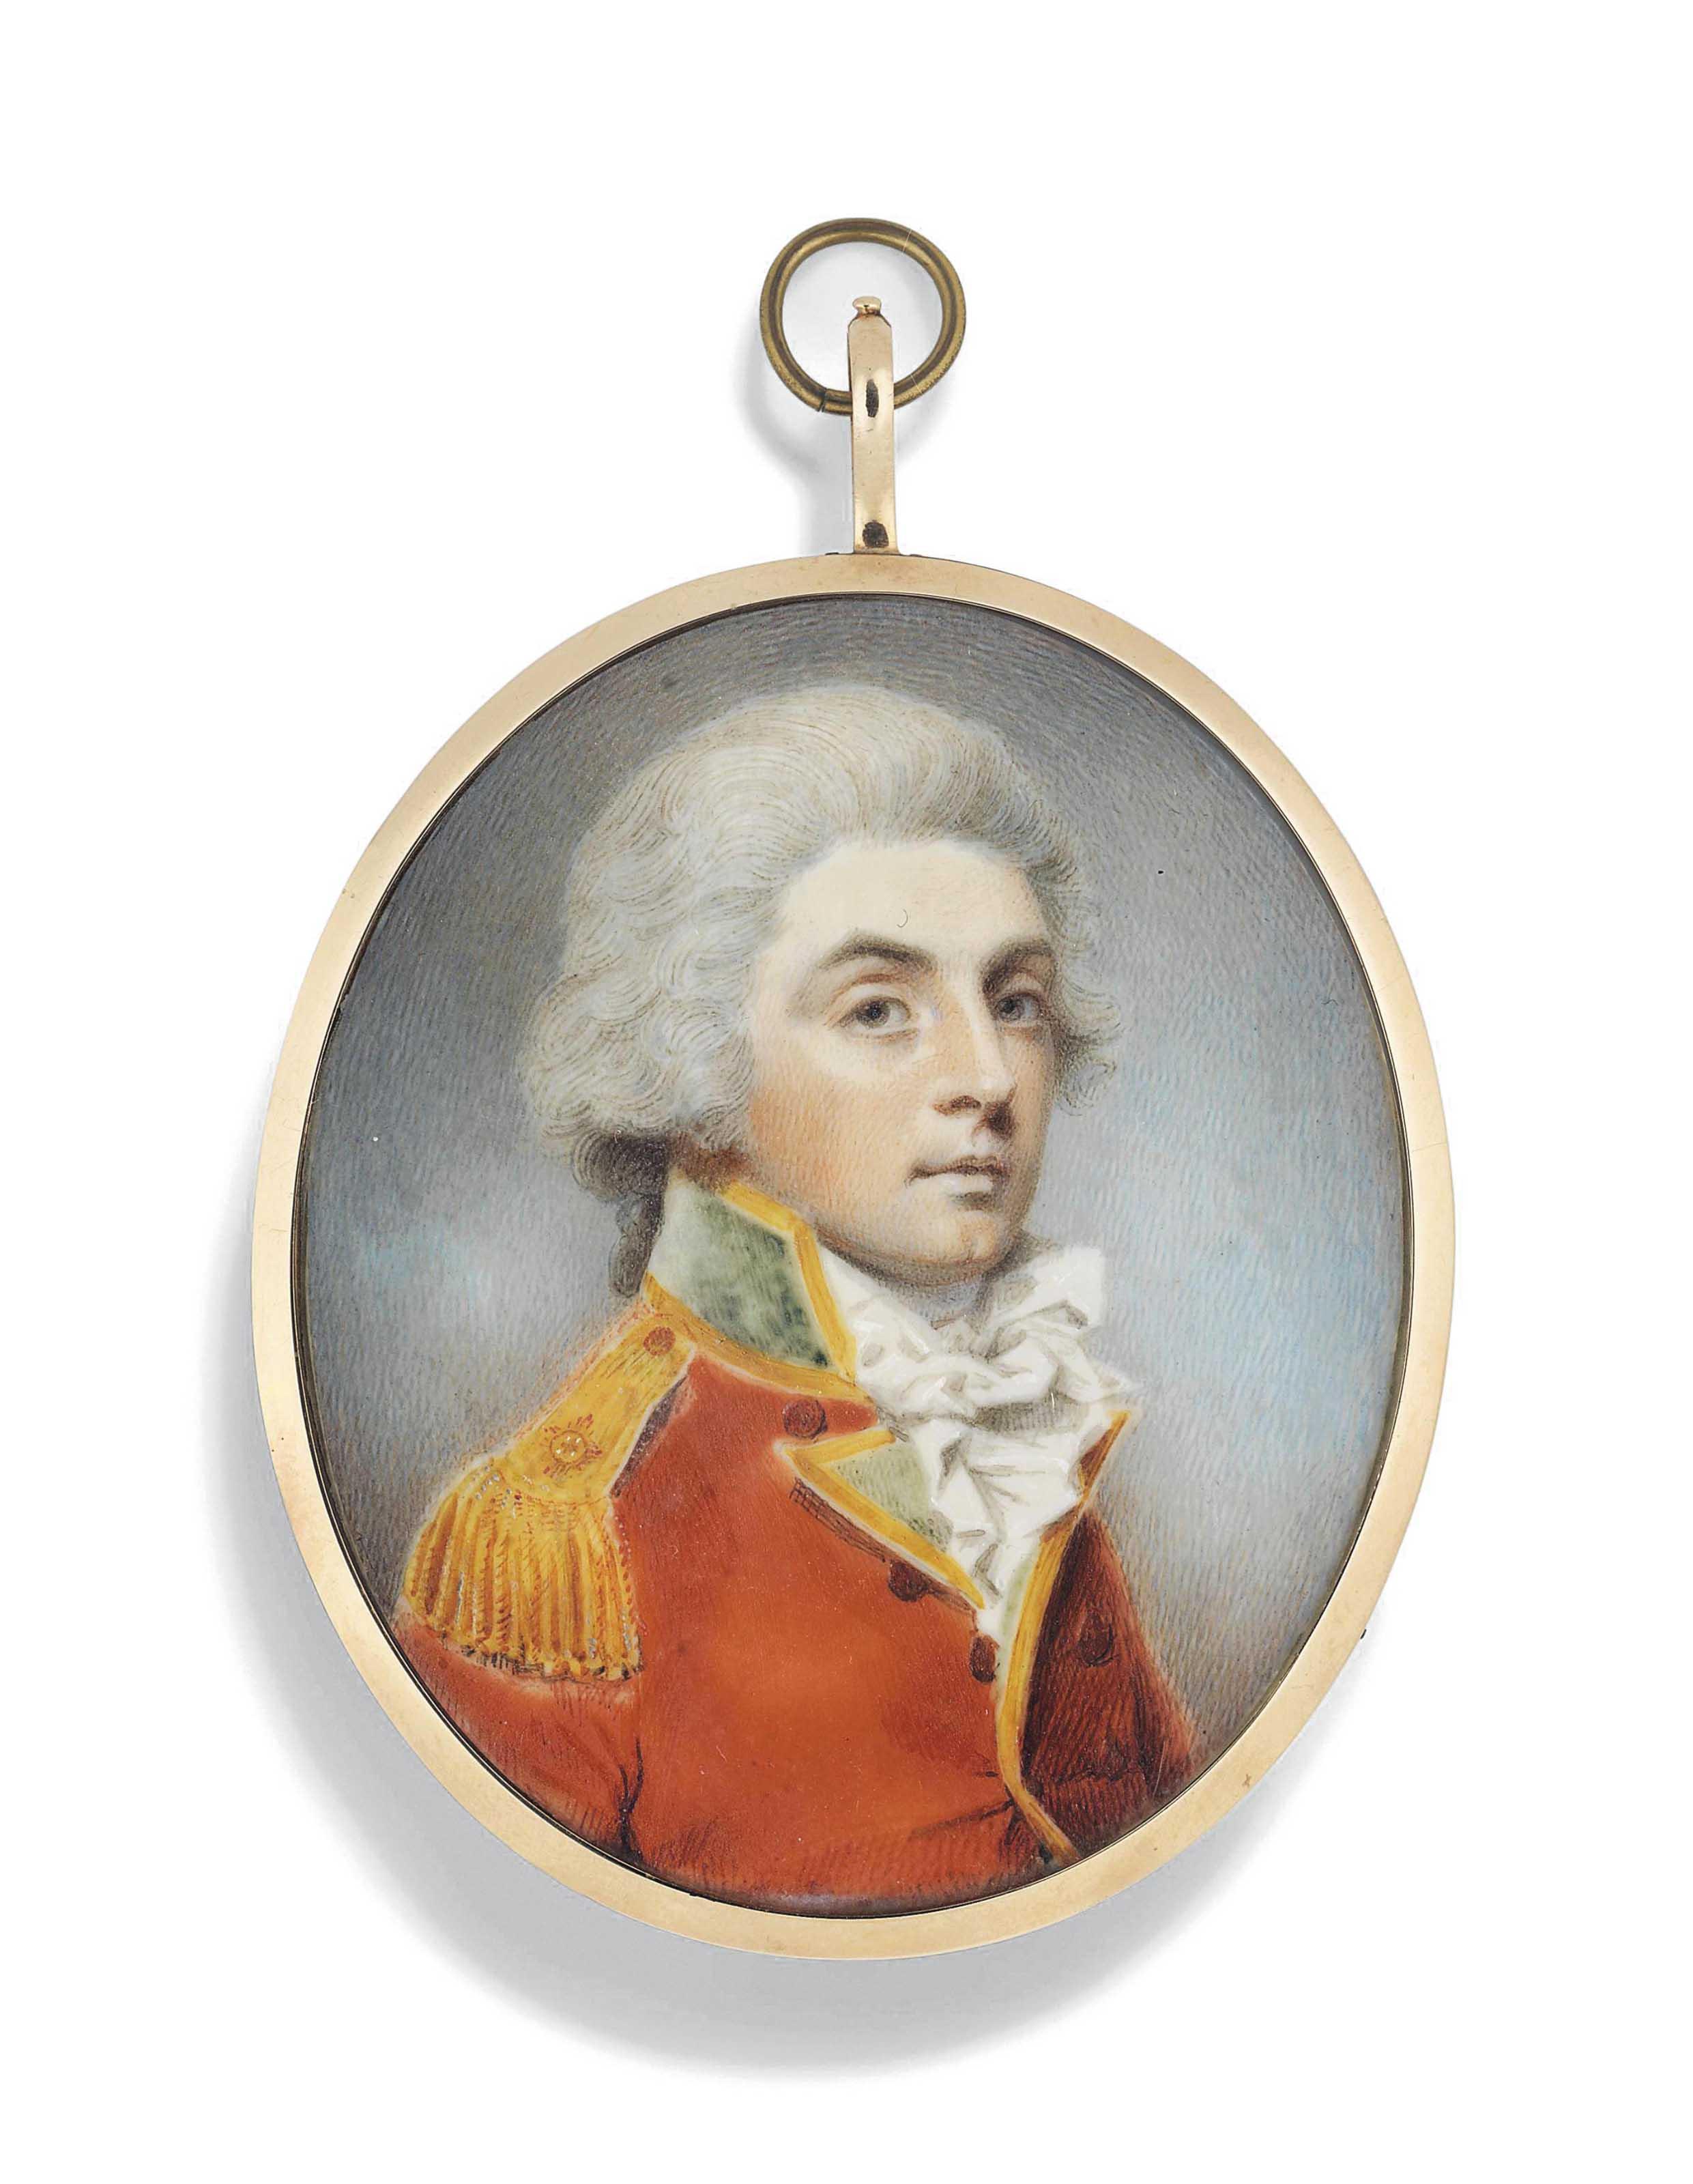 1750 – 1829: Charles Shirreff, Painter (UK)